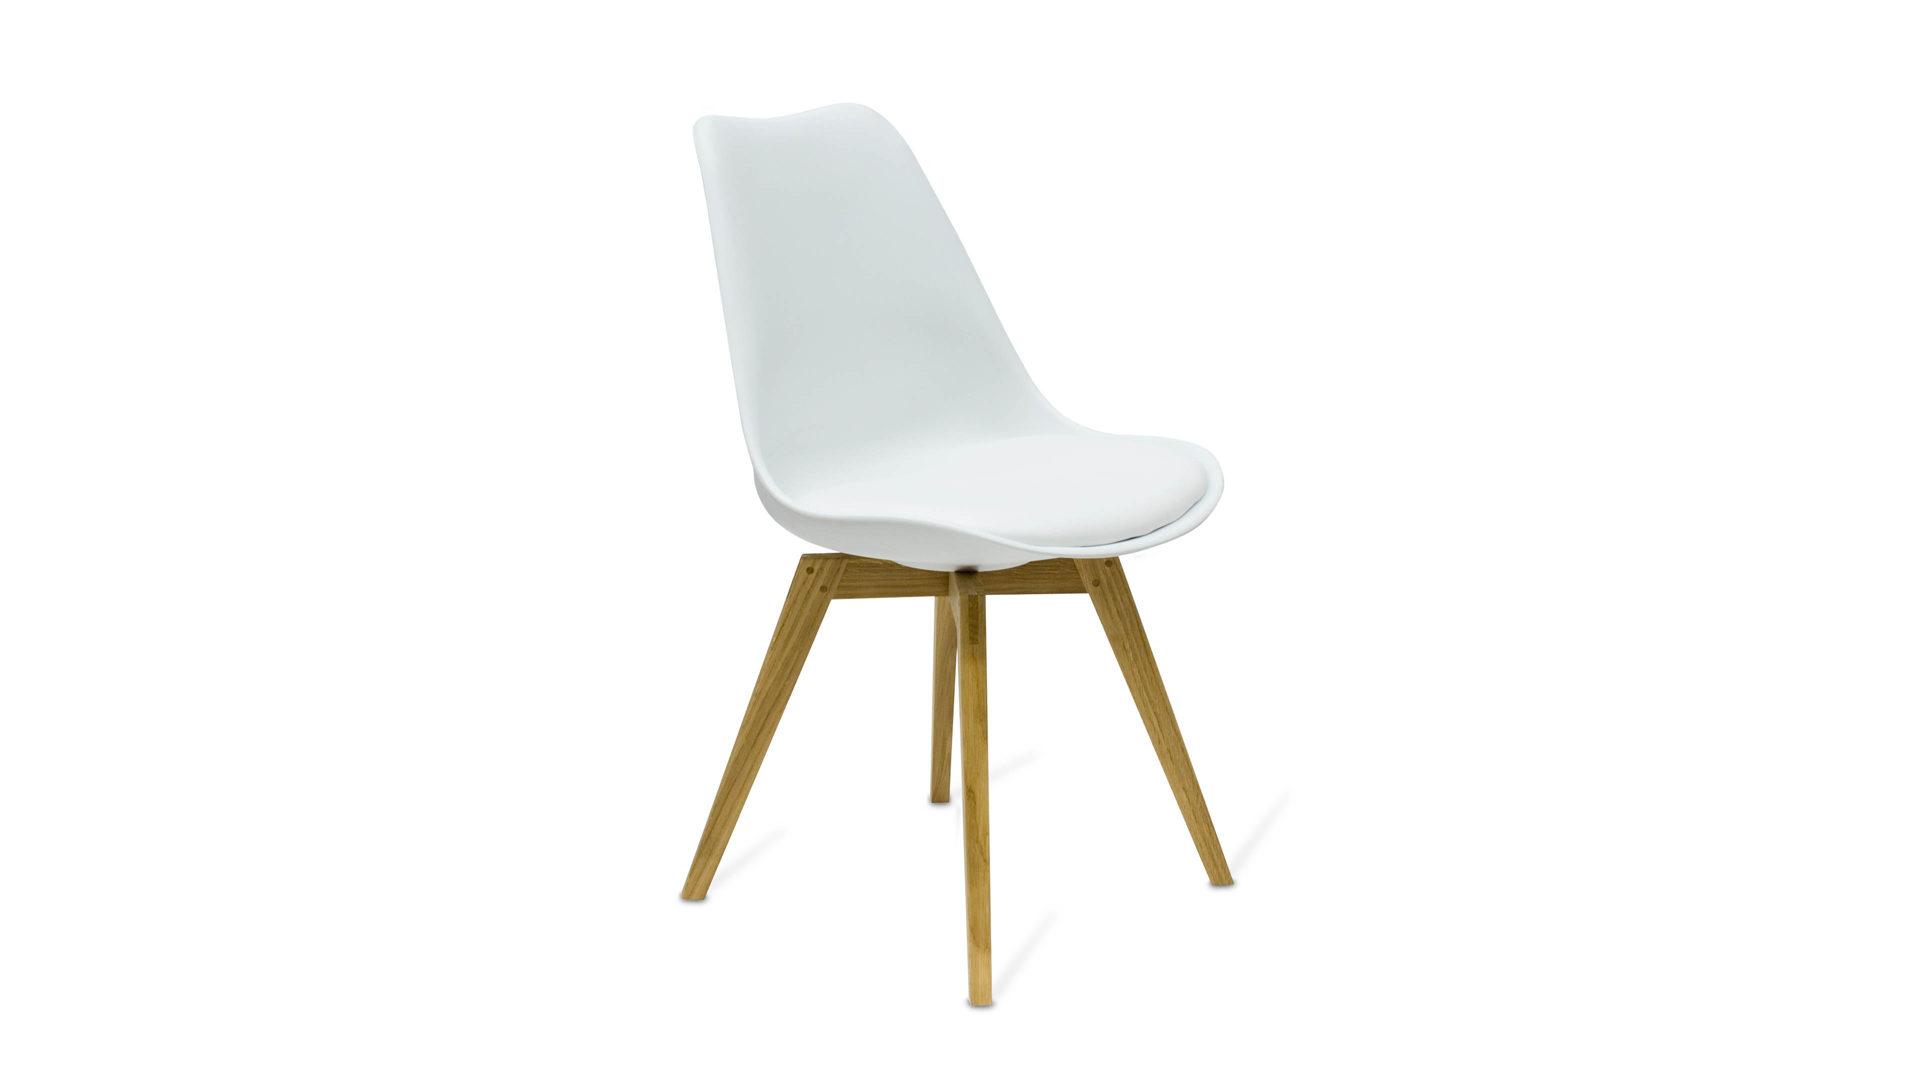 Esszimmerstühle Kunststoff einrichtungspartnerring stühle stuhl der als bequemes sitzmöbel